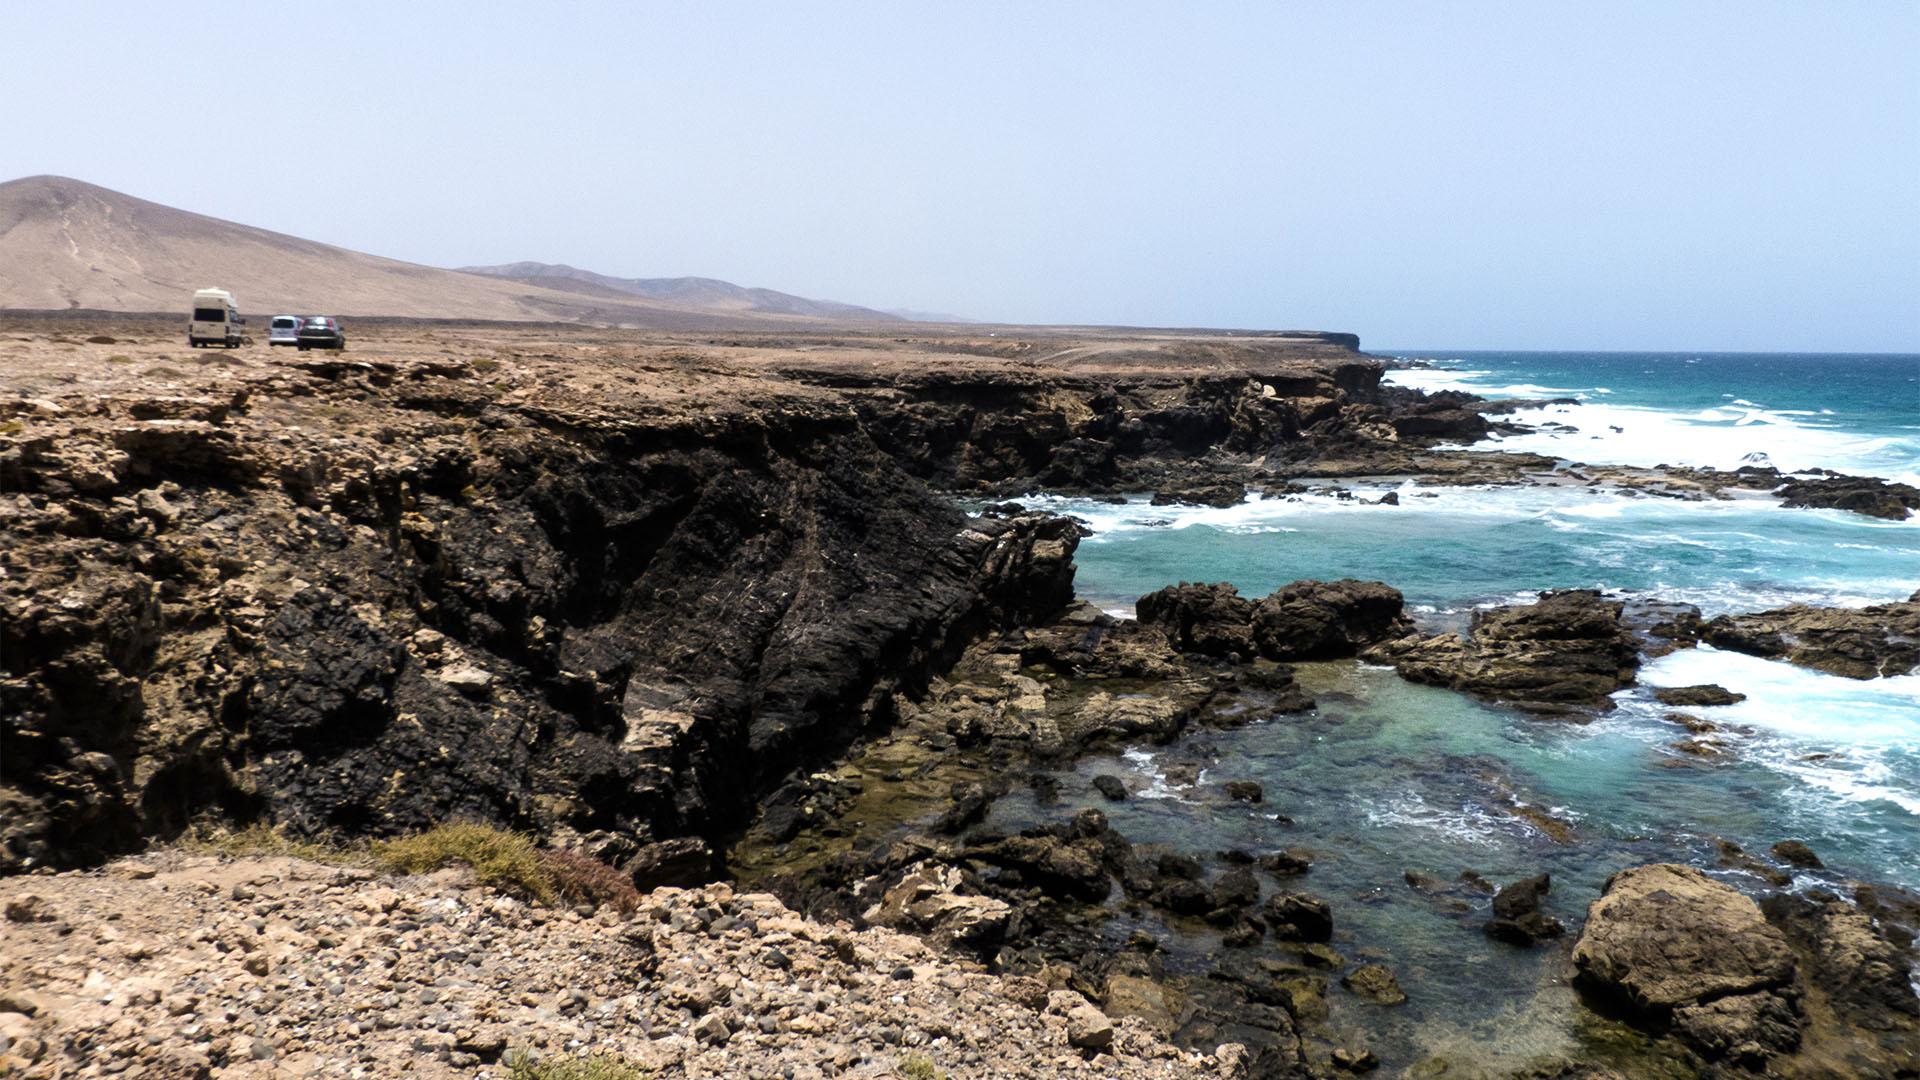 Die Strände Fuerteventuras: Playa de la Mujer